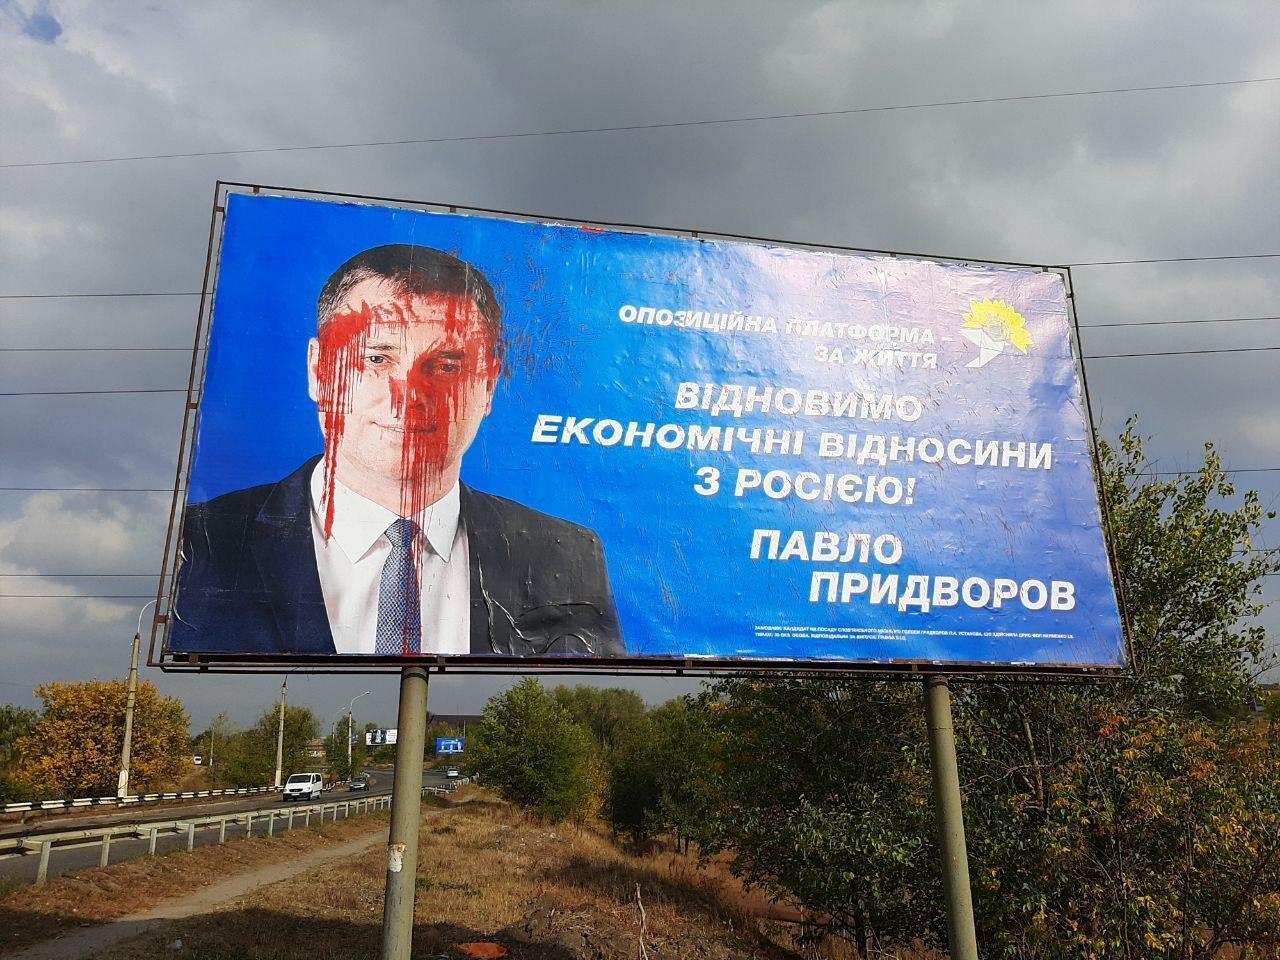 """Борди Придворова обіцяють """"відновлення економічних зв'язків з Росією"""""""